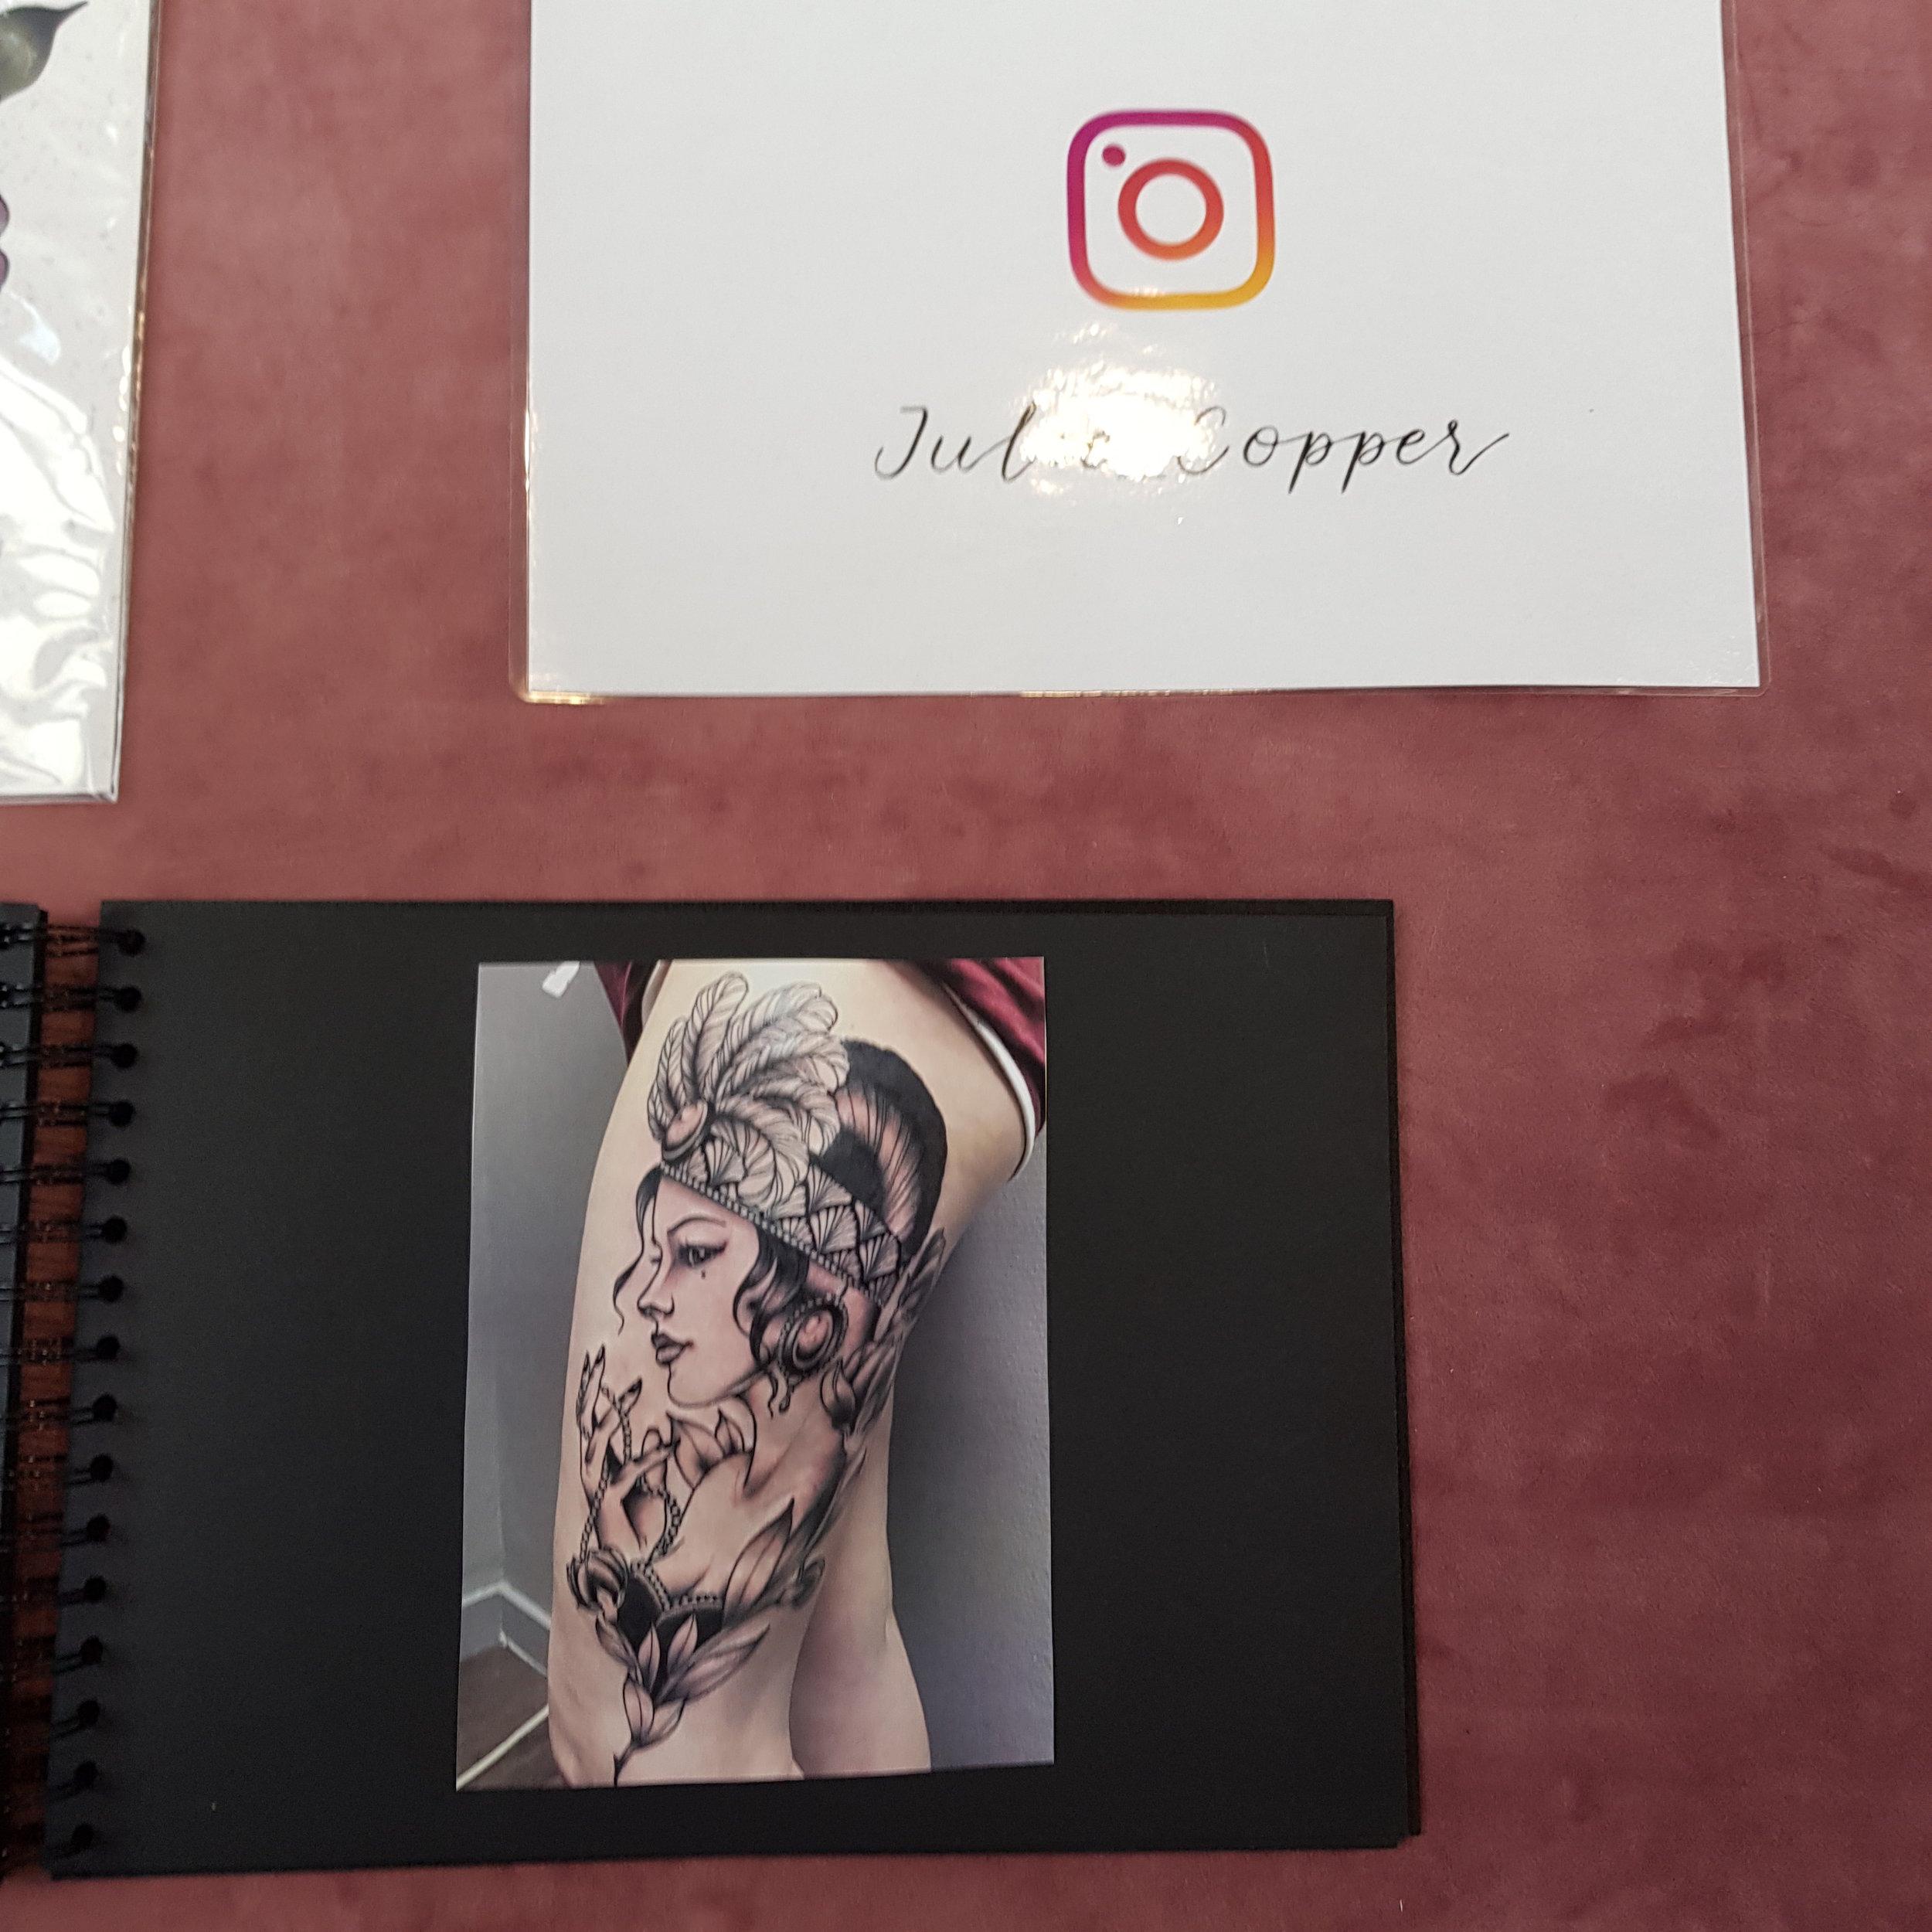 ladycameleon-julie-copper-book.jpg